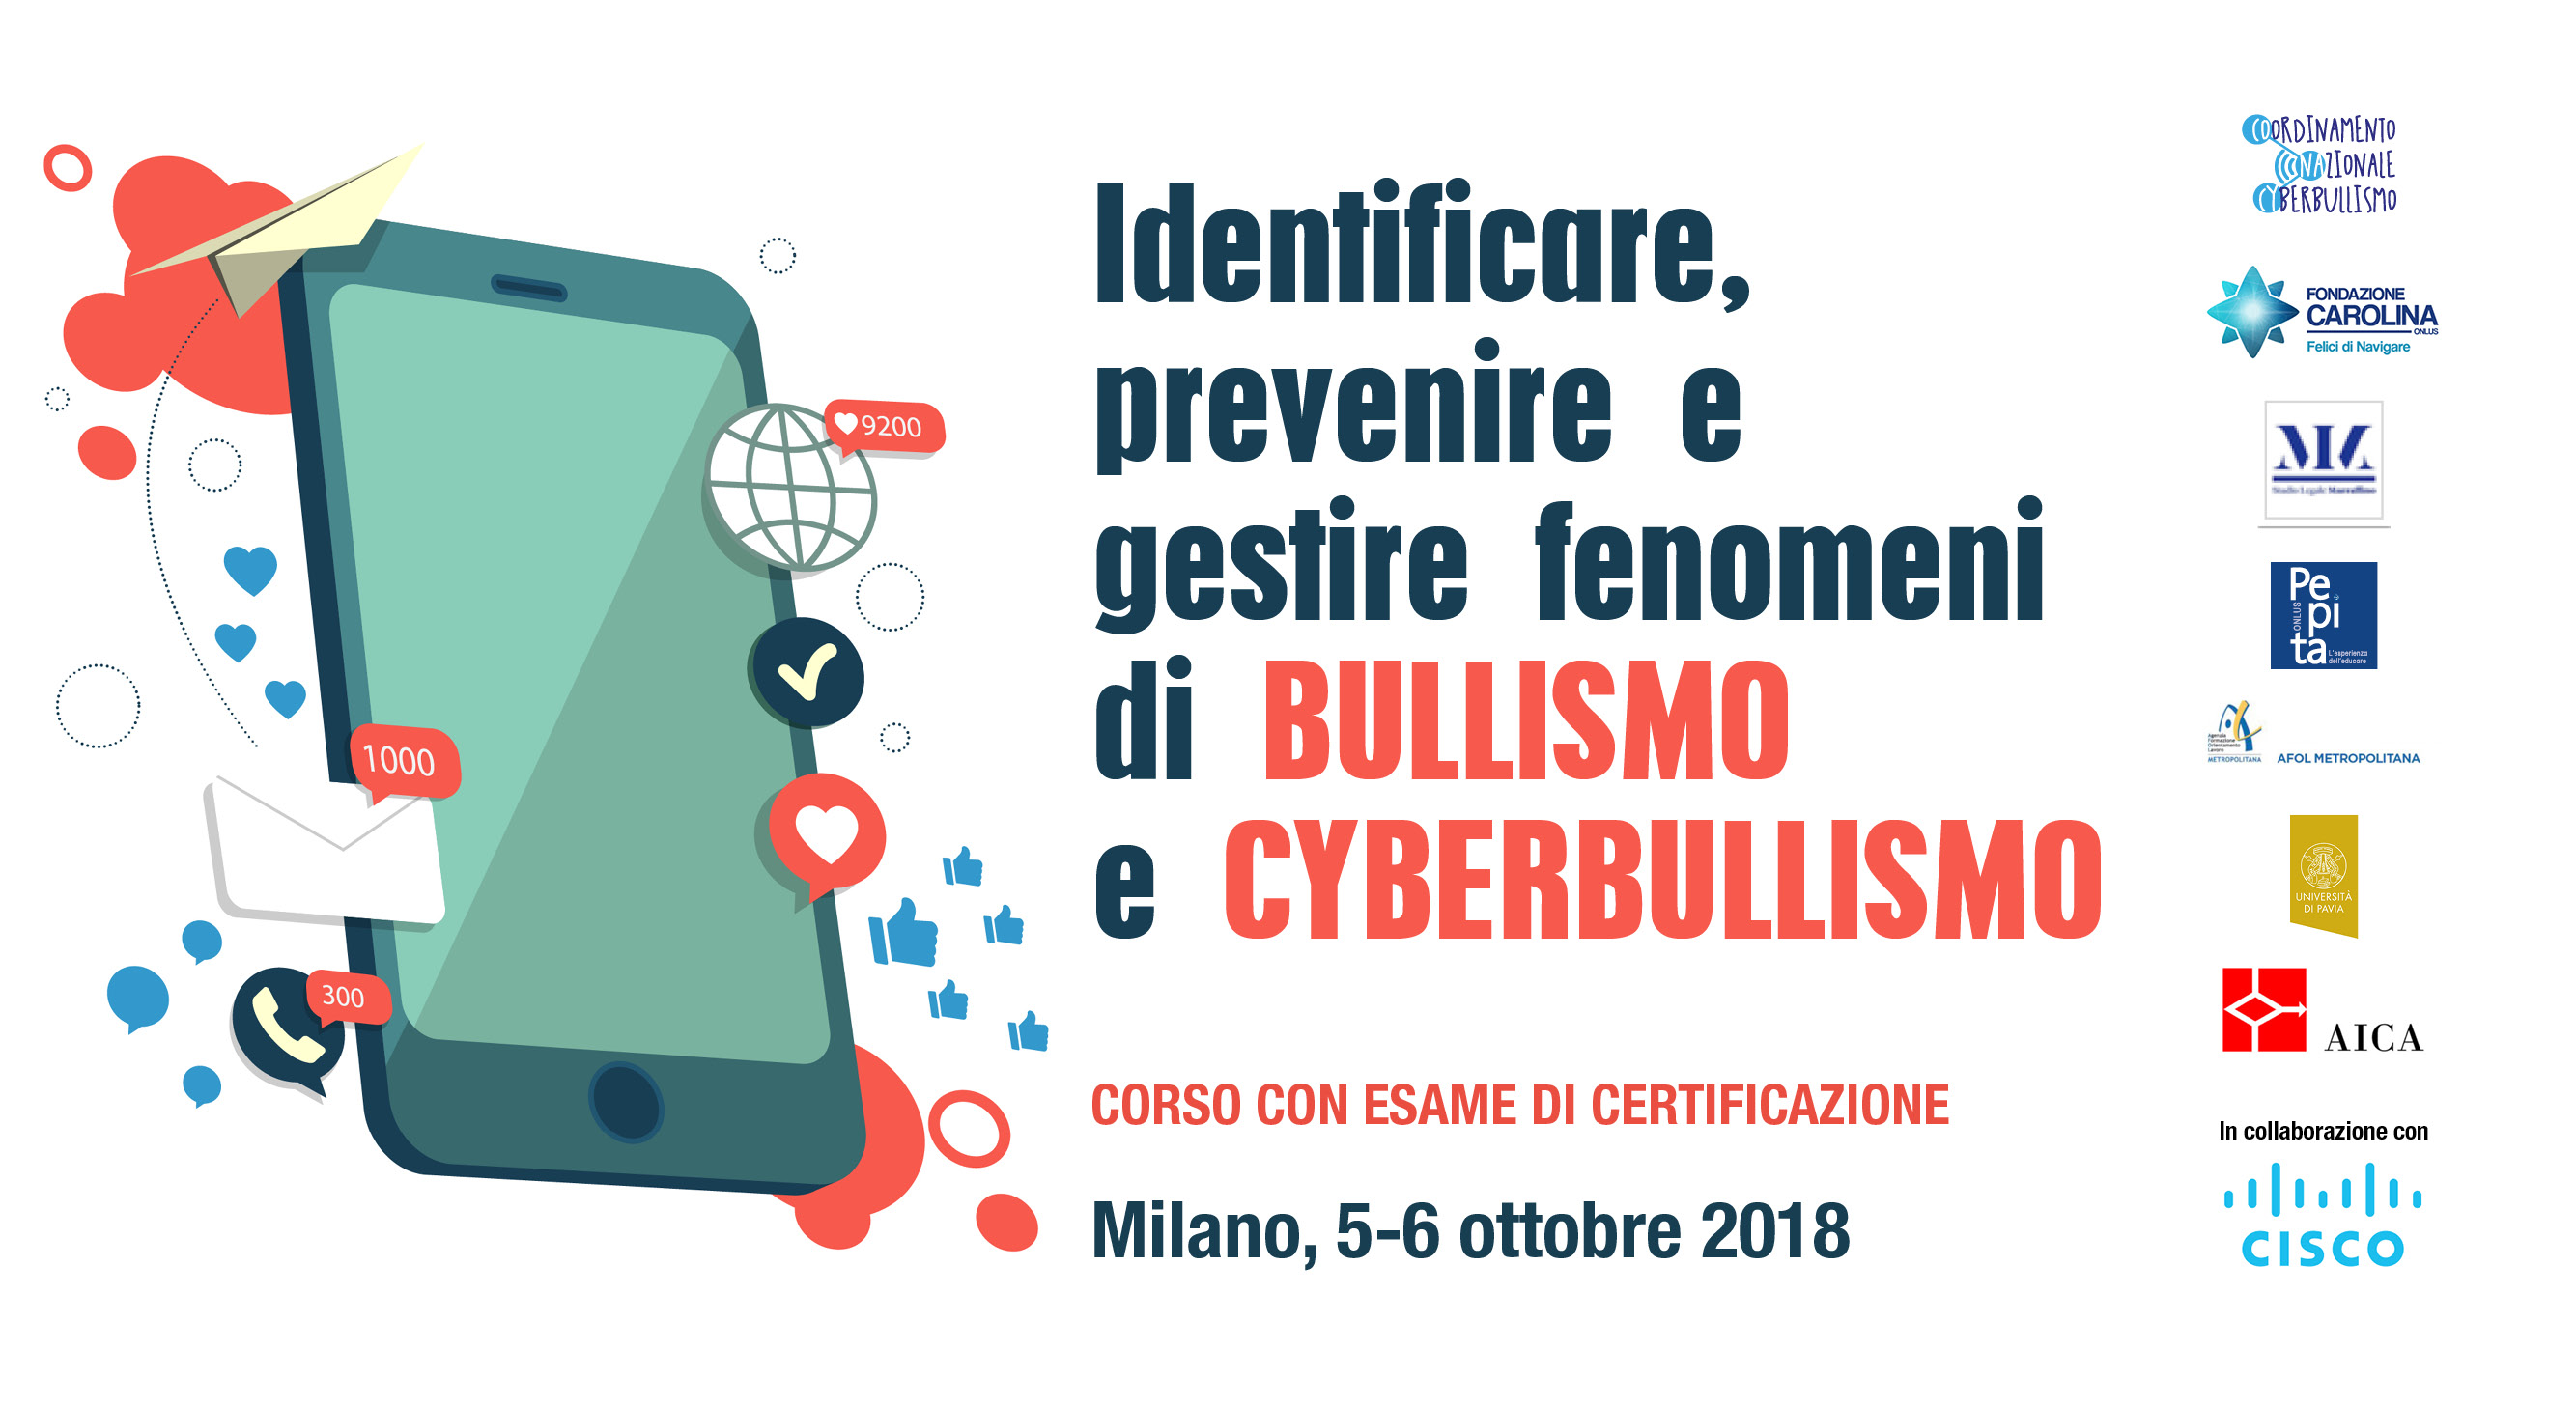 Identificare, prevenire e gestire fenomeni di BULLISMO e CYBERBULLISMO